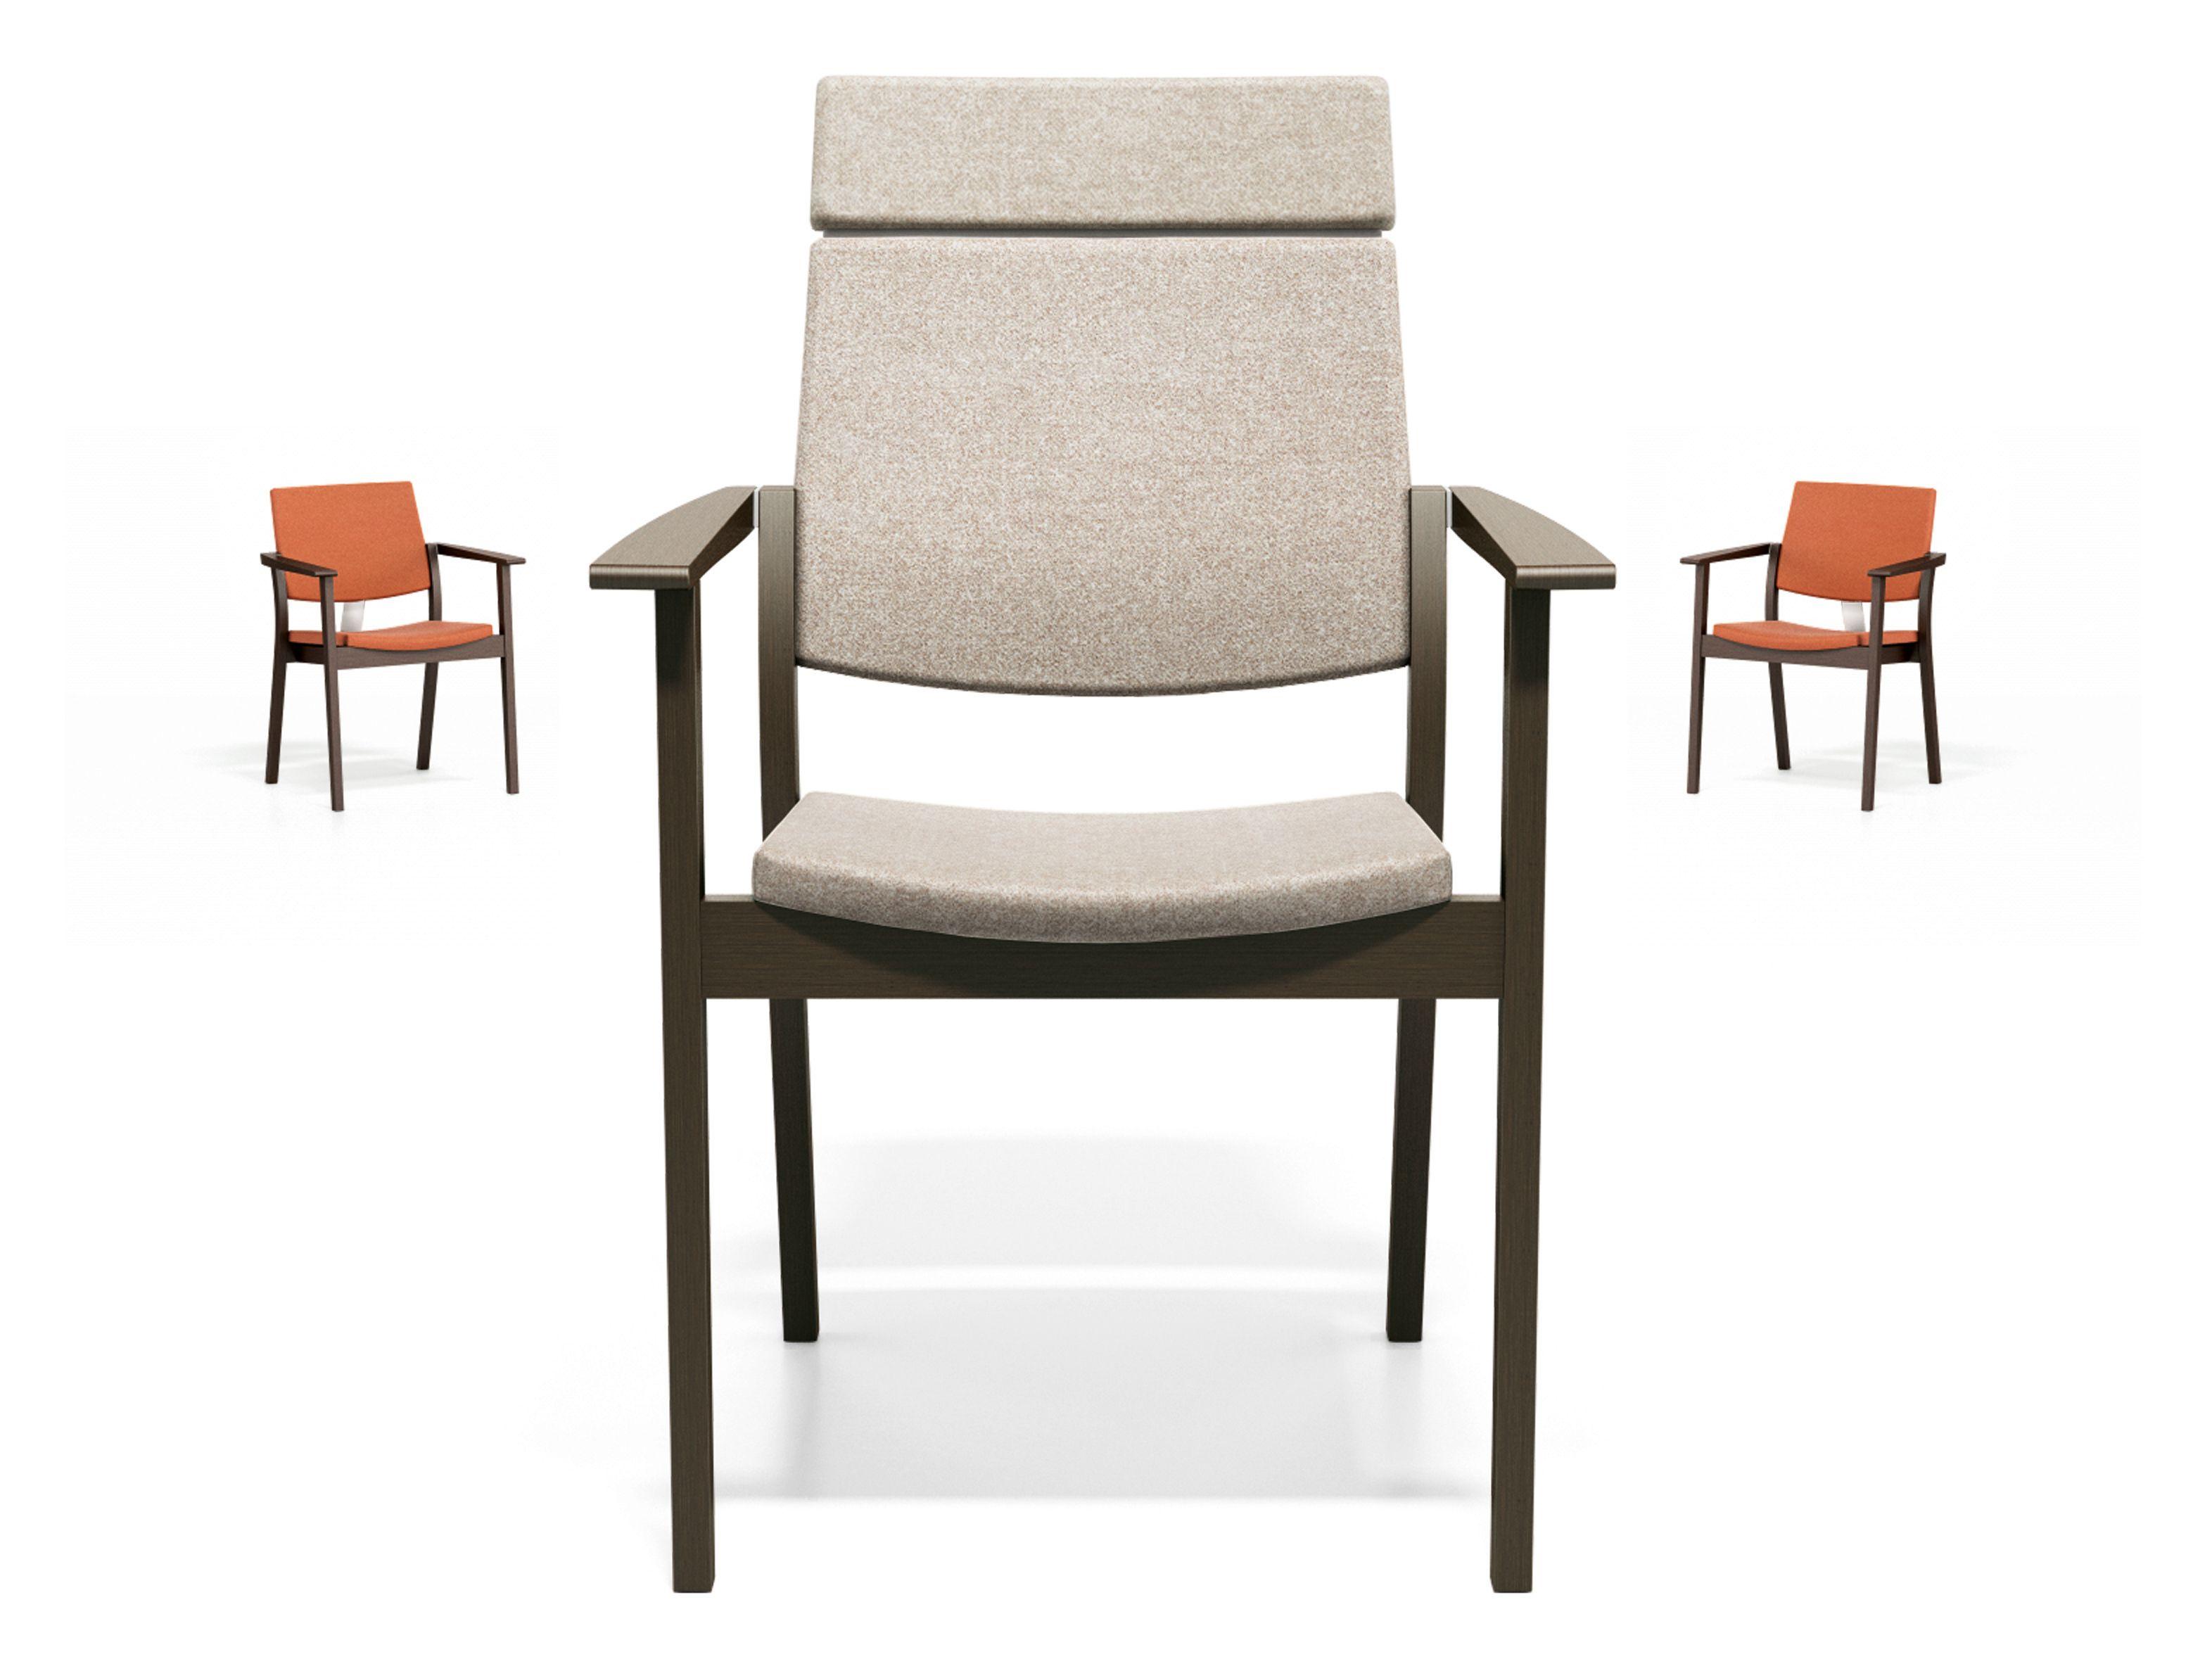 Sina sedia con schienale alto by casala design kressel for Sedia design schienale alto